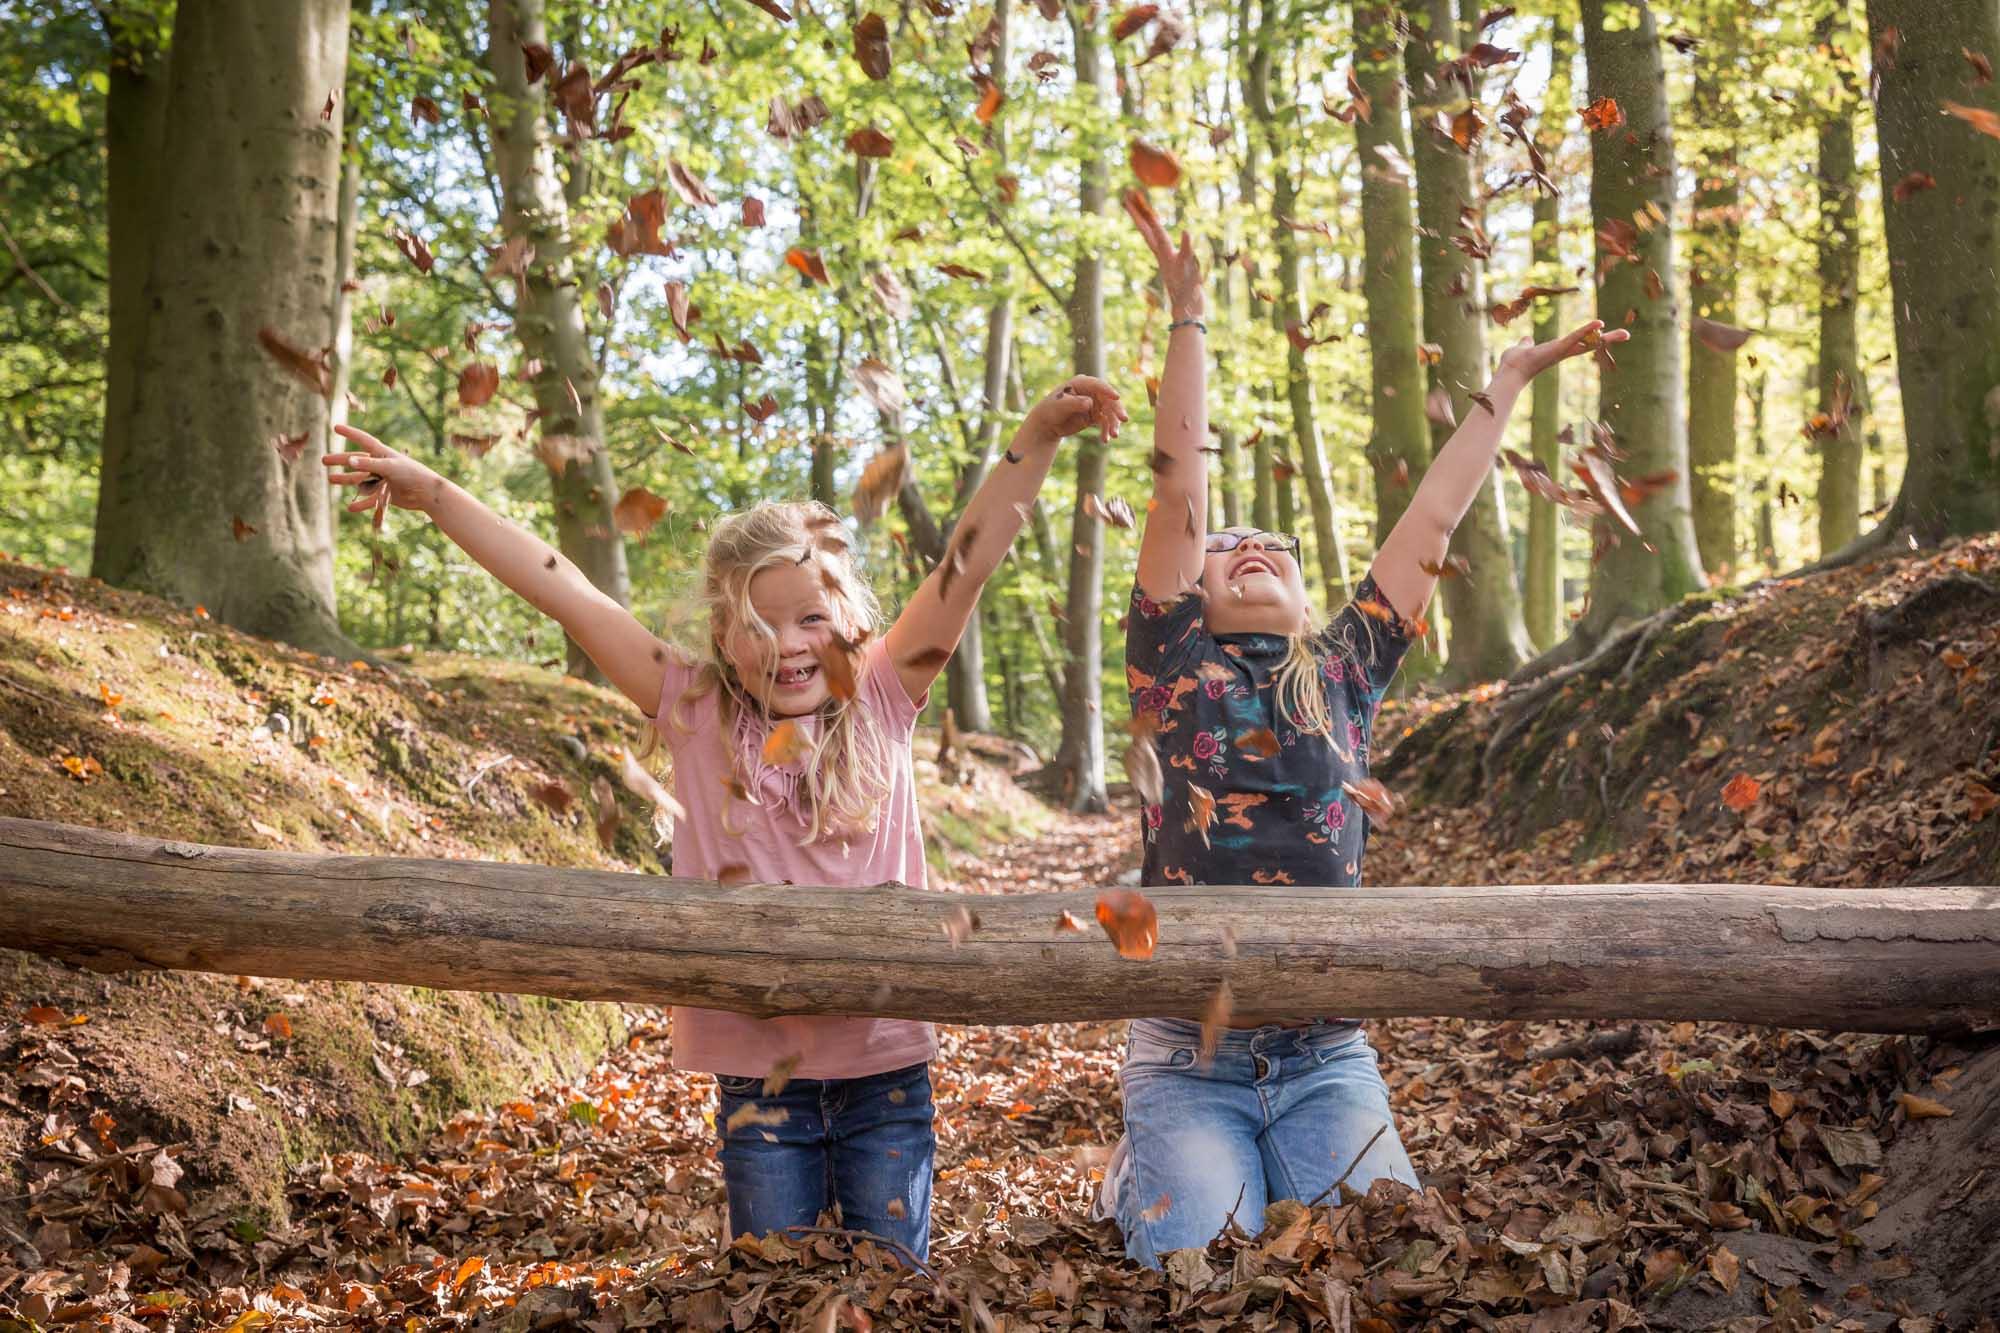 foto van 2 zusjes die gooien met herfstbladeren in het bos door mayrafotografie